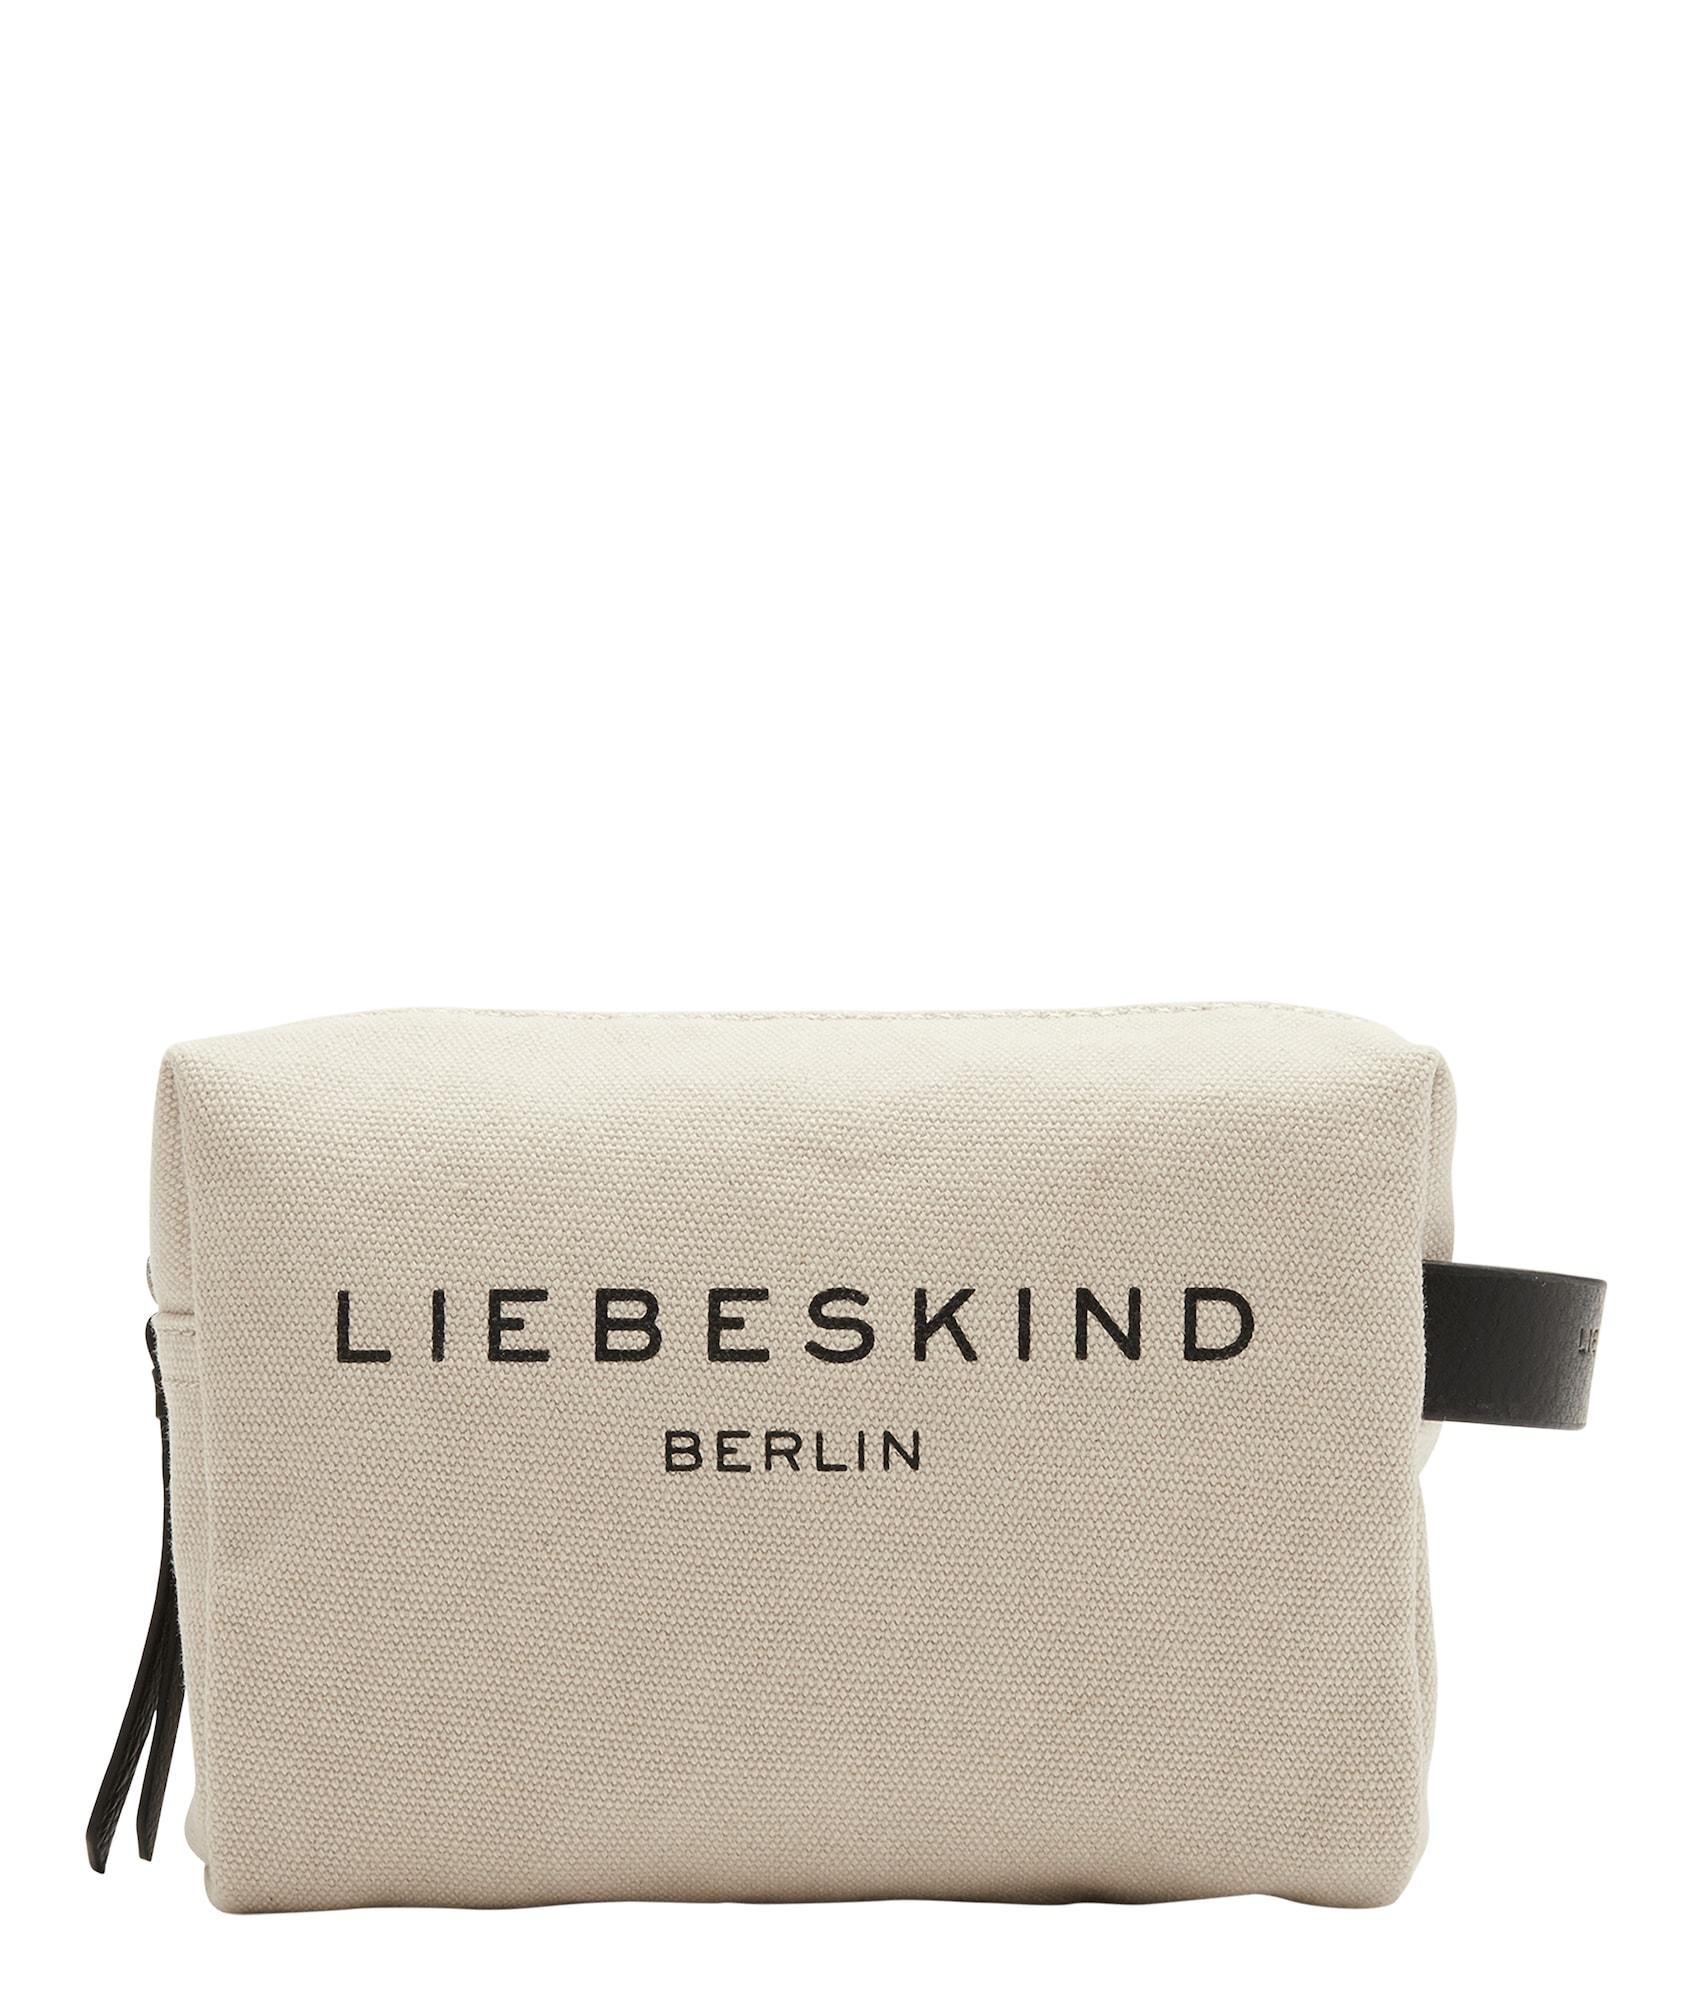 Liebeskind Berlin Kosmetinė glaisto spalva / juoda